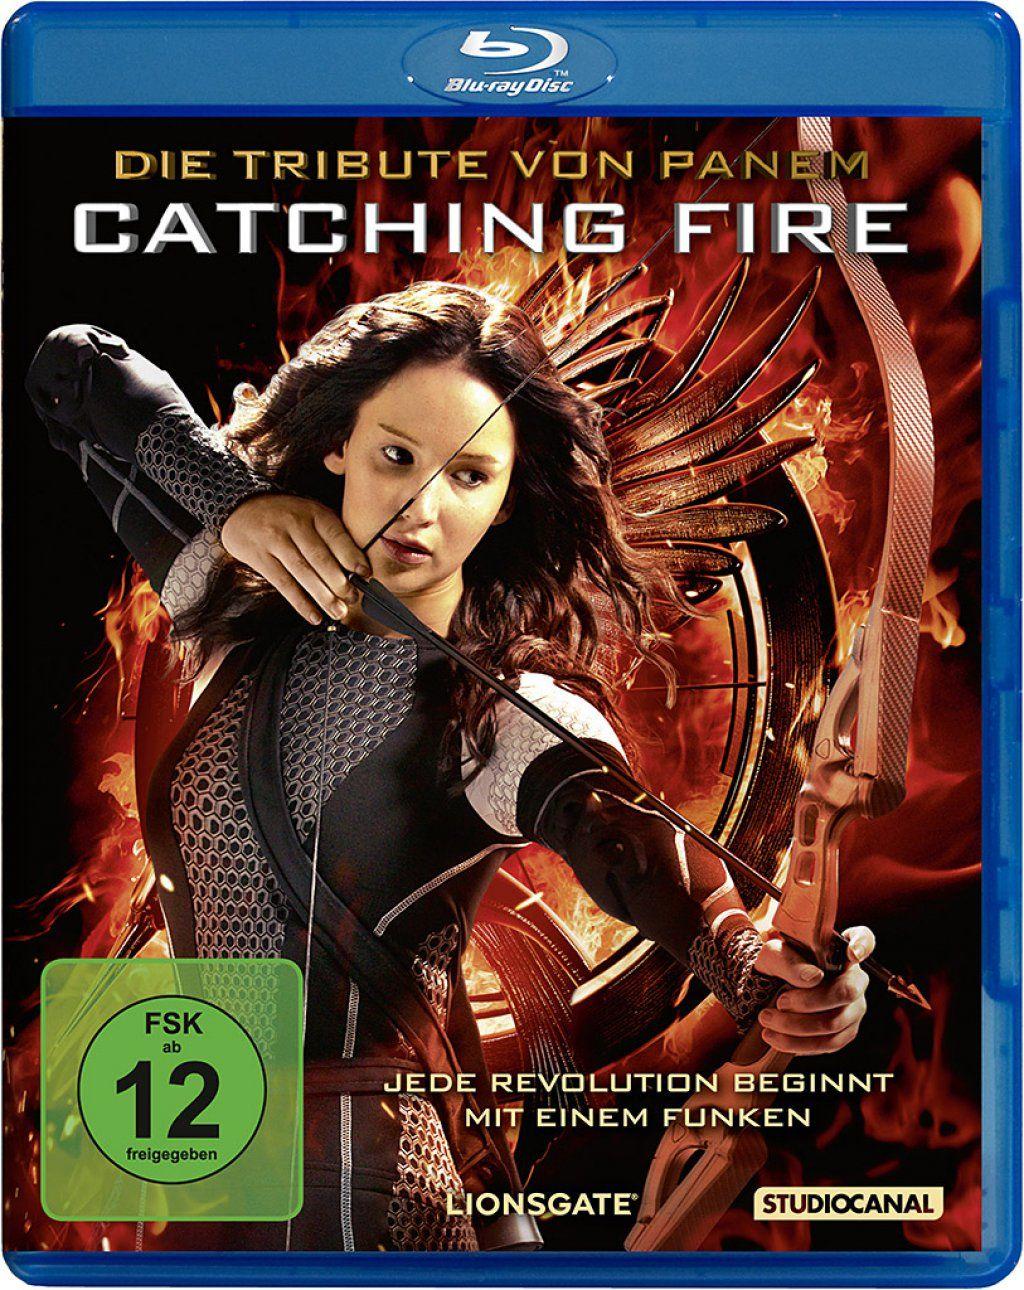 Tribute von Panem, Die - Catching Fire (BLURAY)